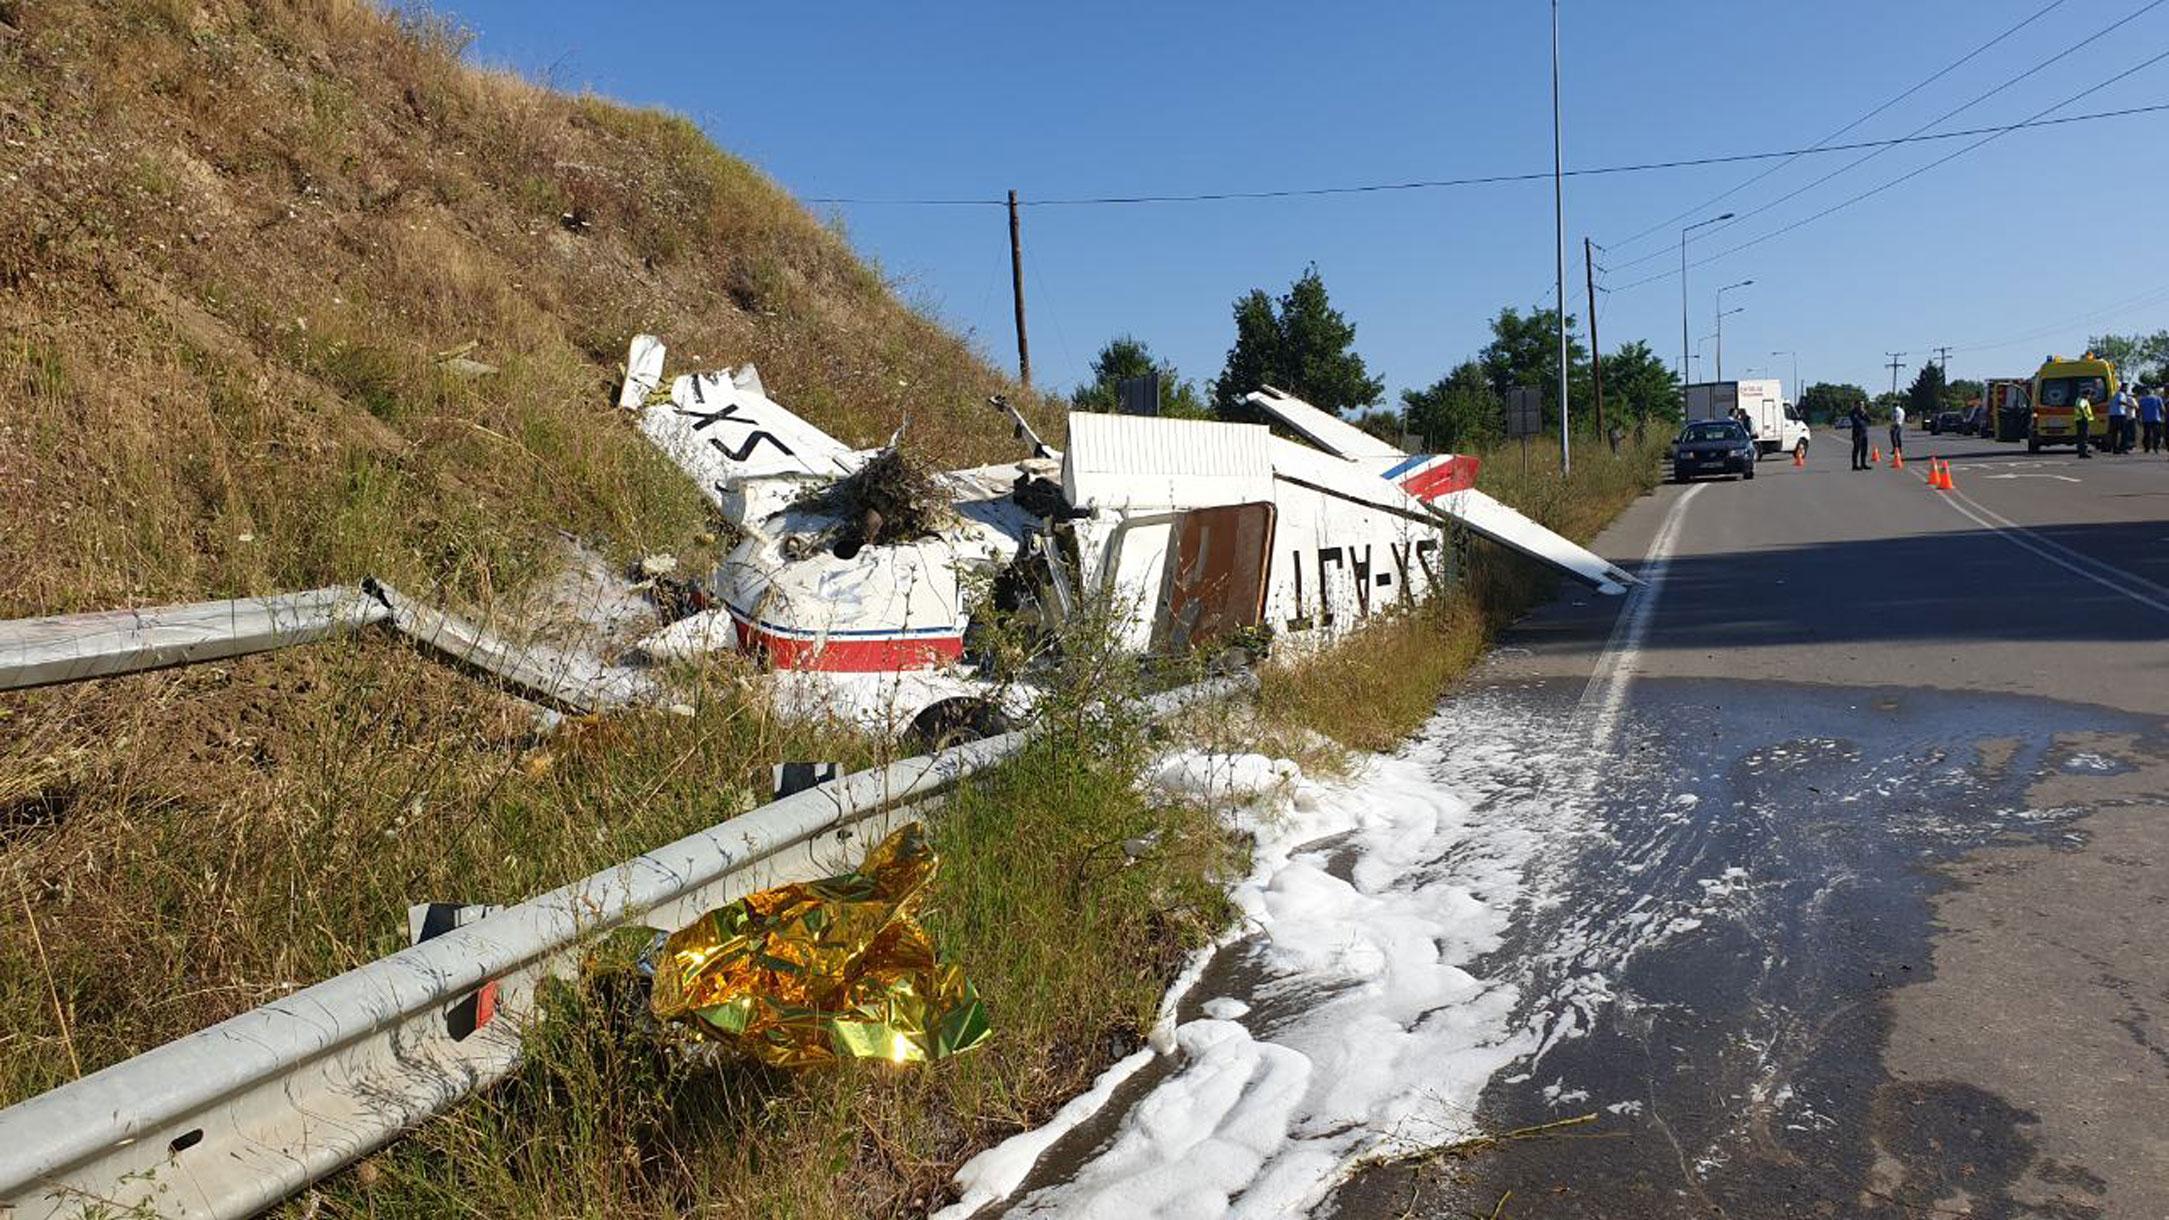 Εικόνες σοκ από την αναγκαστική προσγείωση μονοκινητήριου αεροπλάνου στα Γρεβενά!